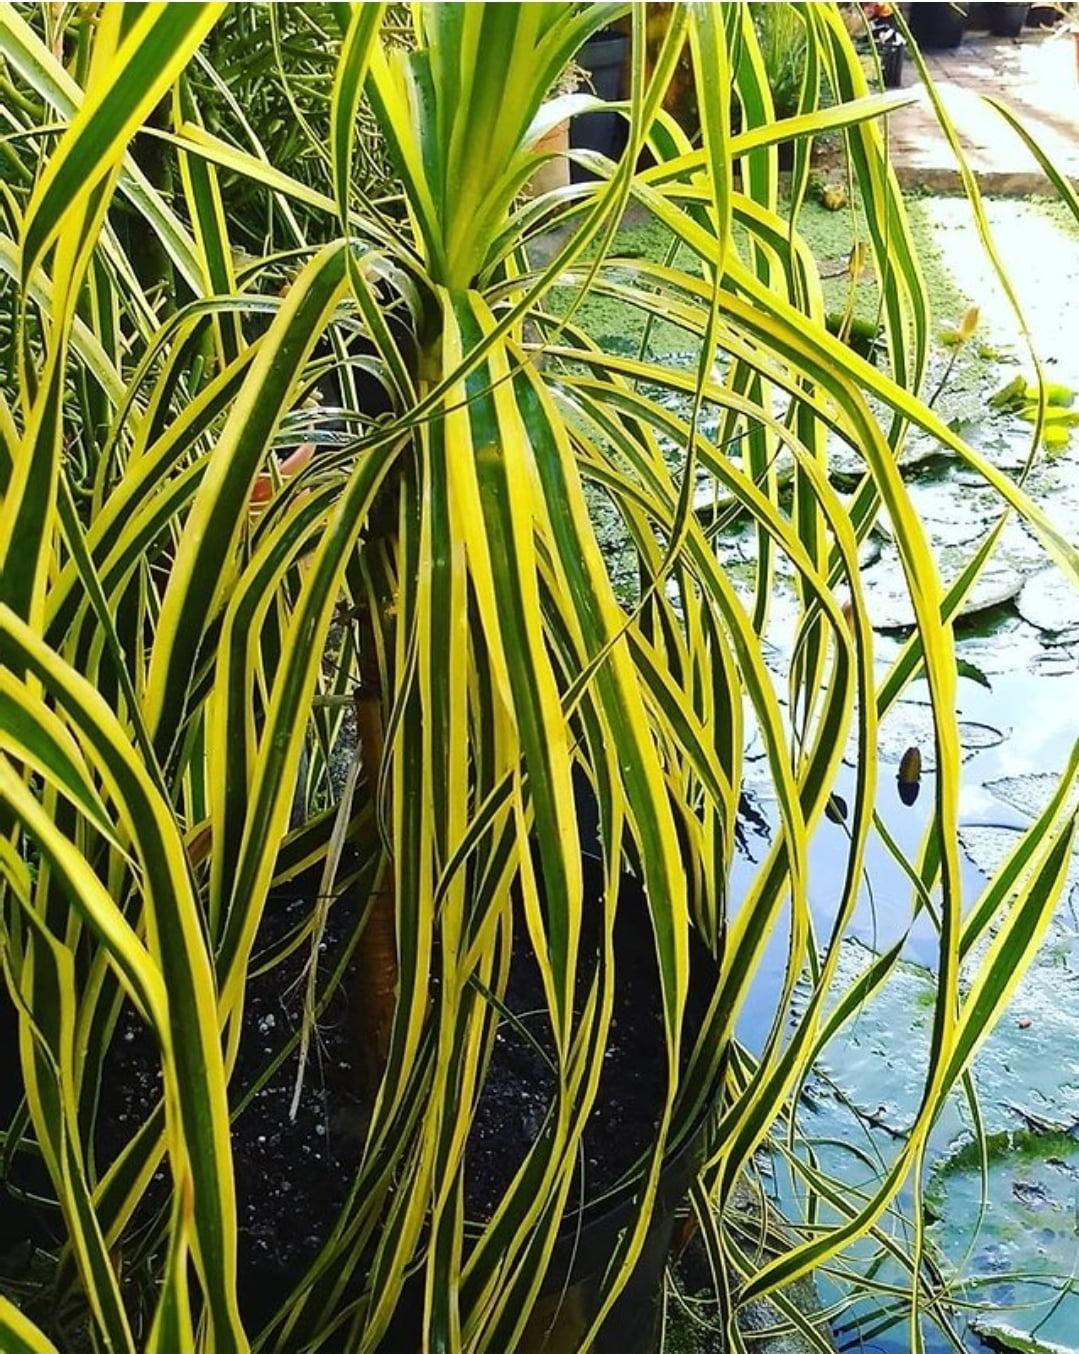 Beucarnea Recurva variegata